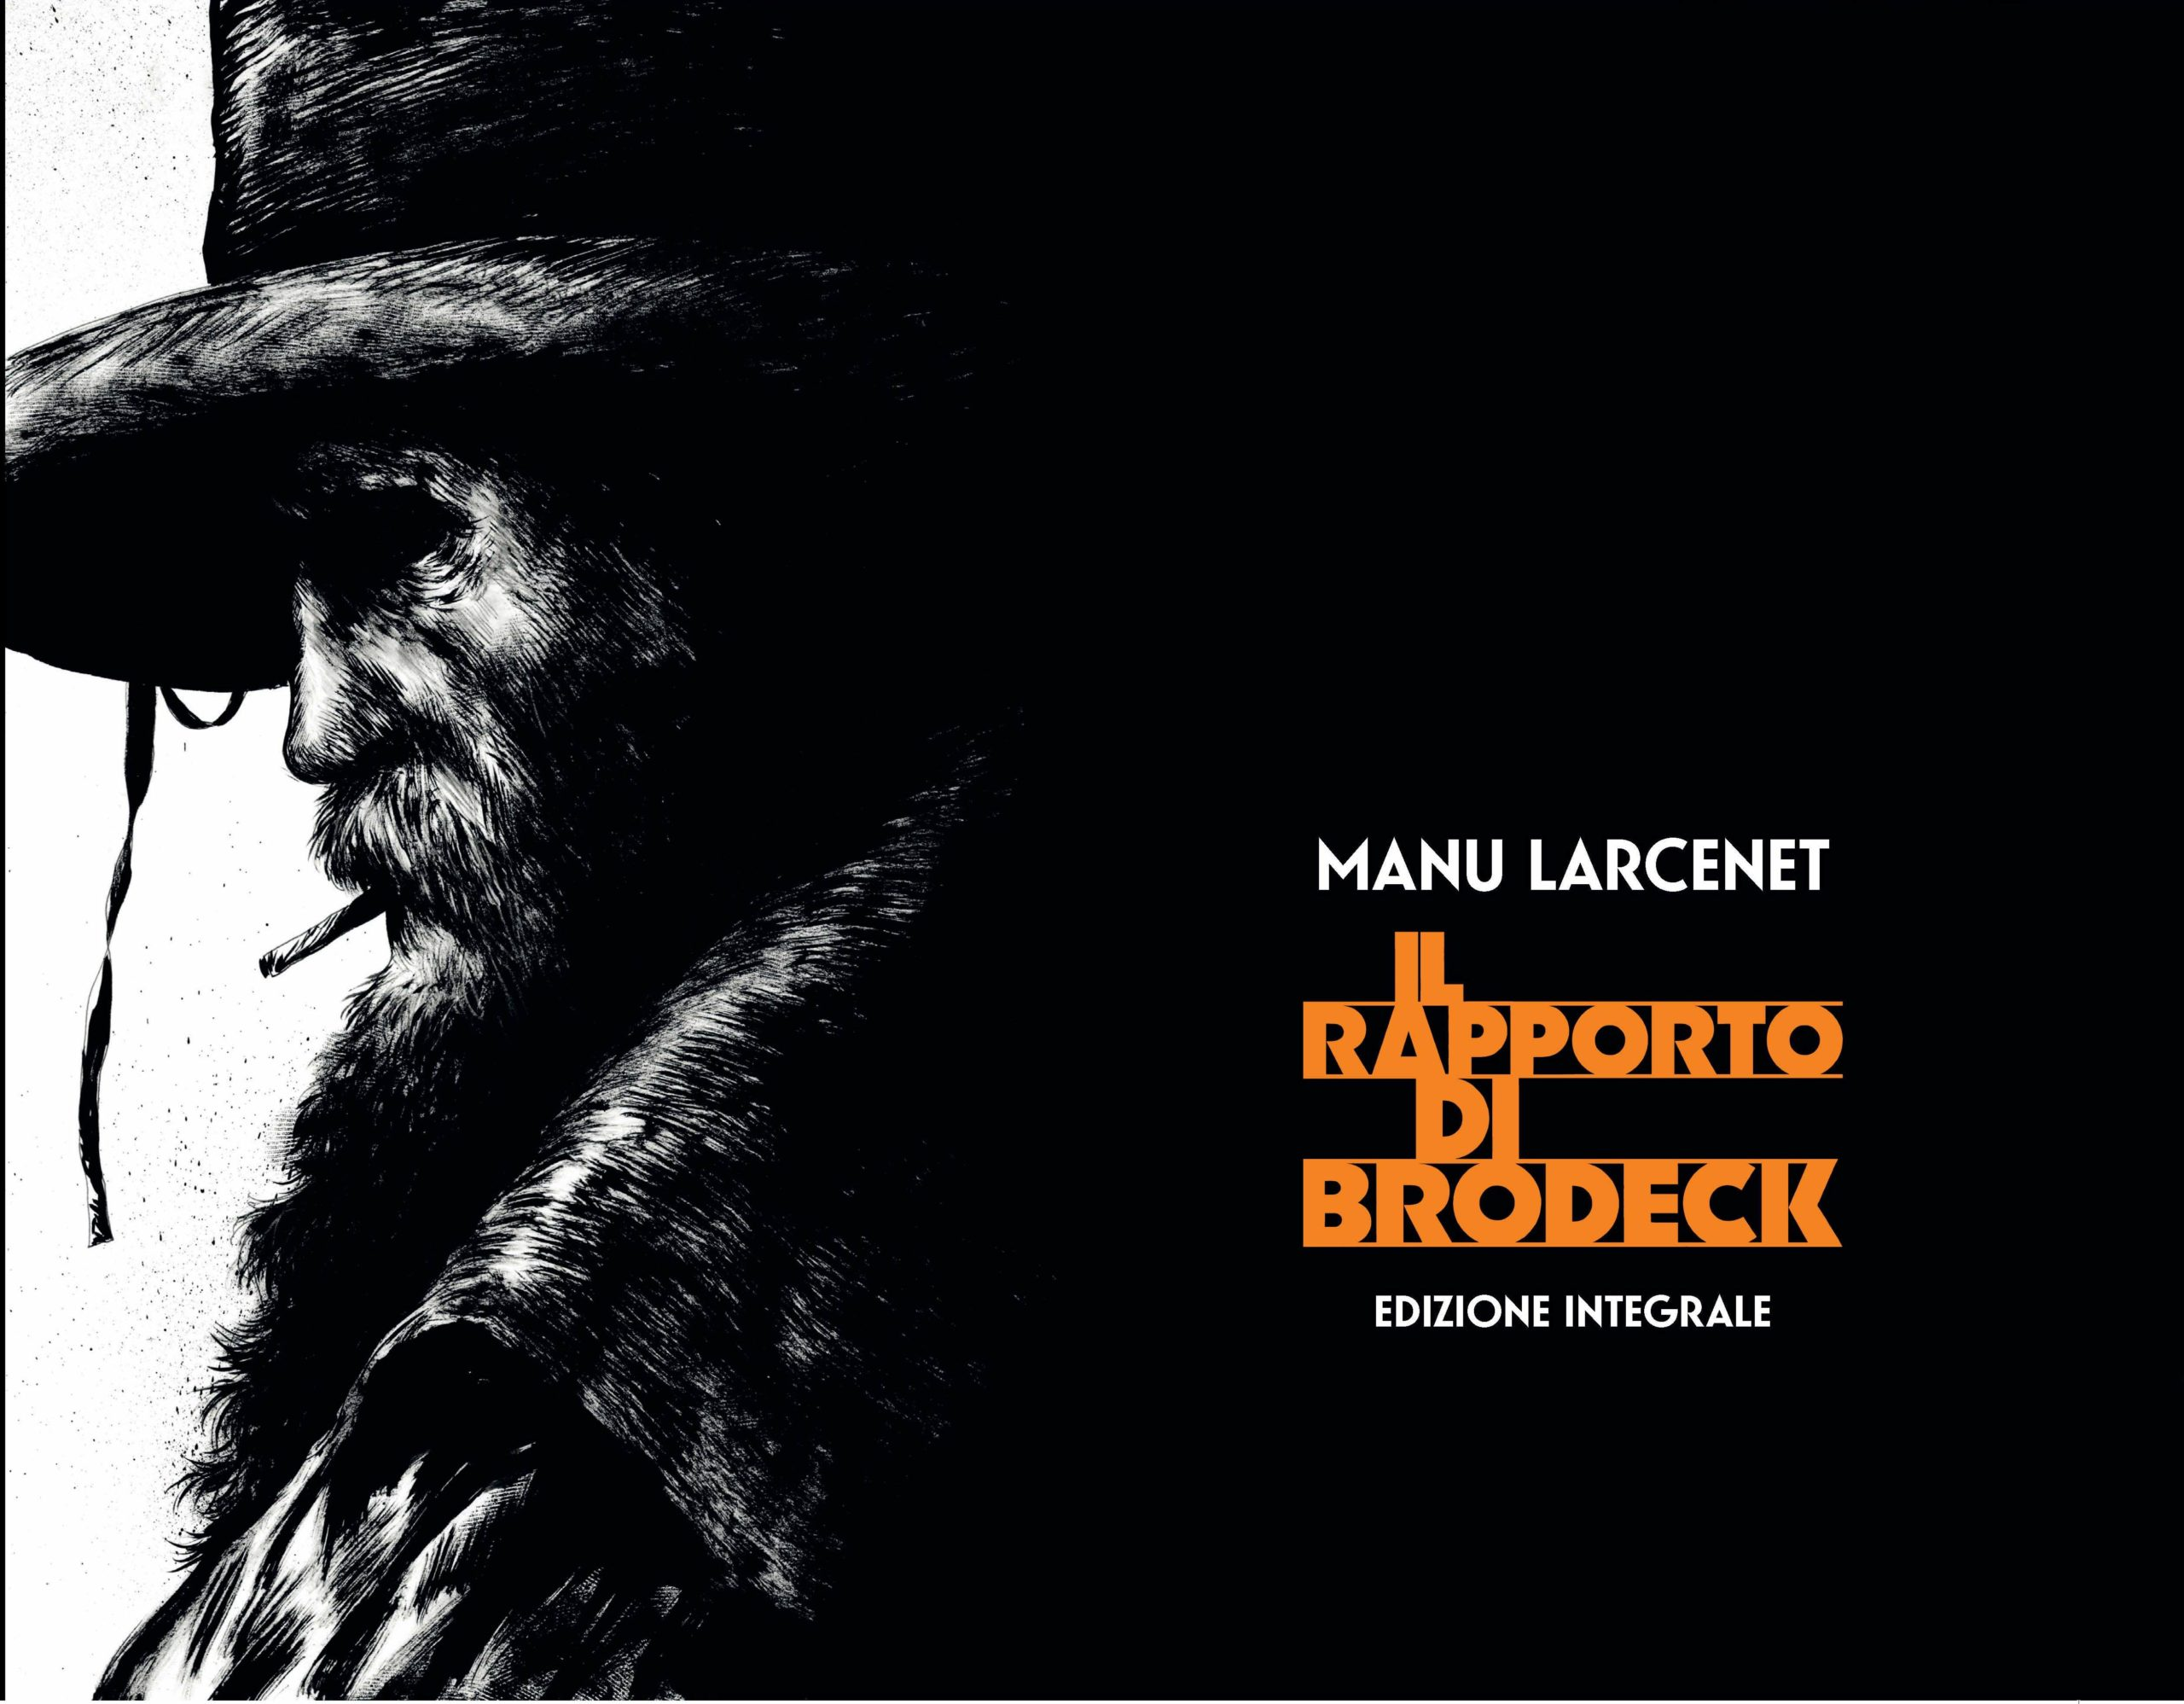 Il rapporto Brodek (Edizione integrale) di Manu Larcenet